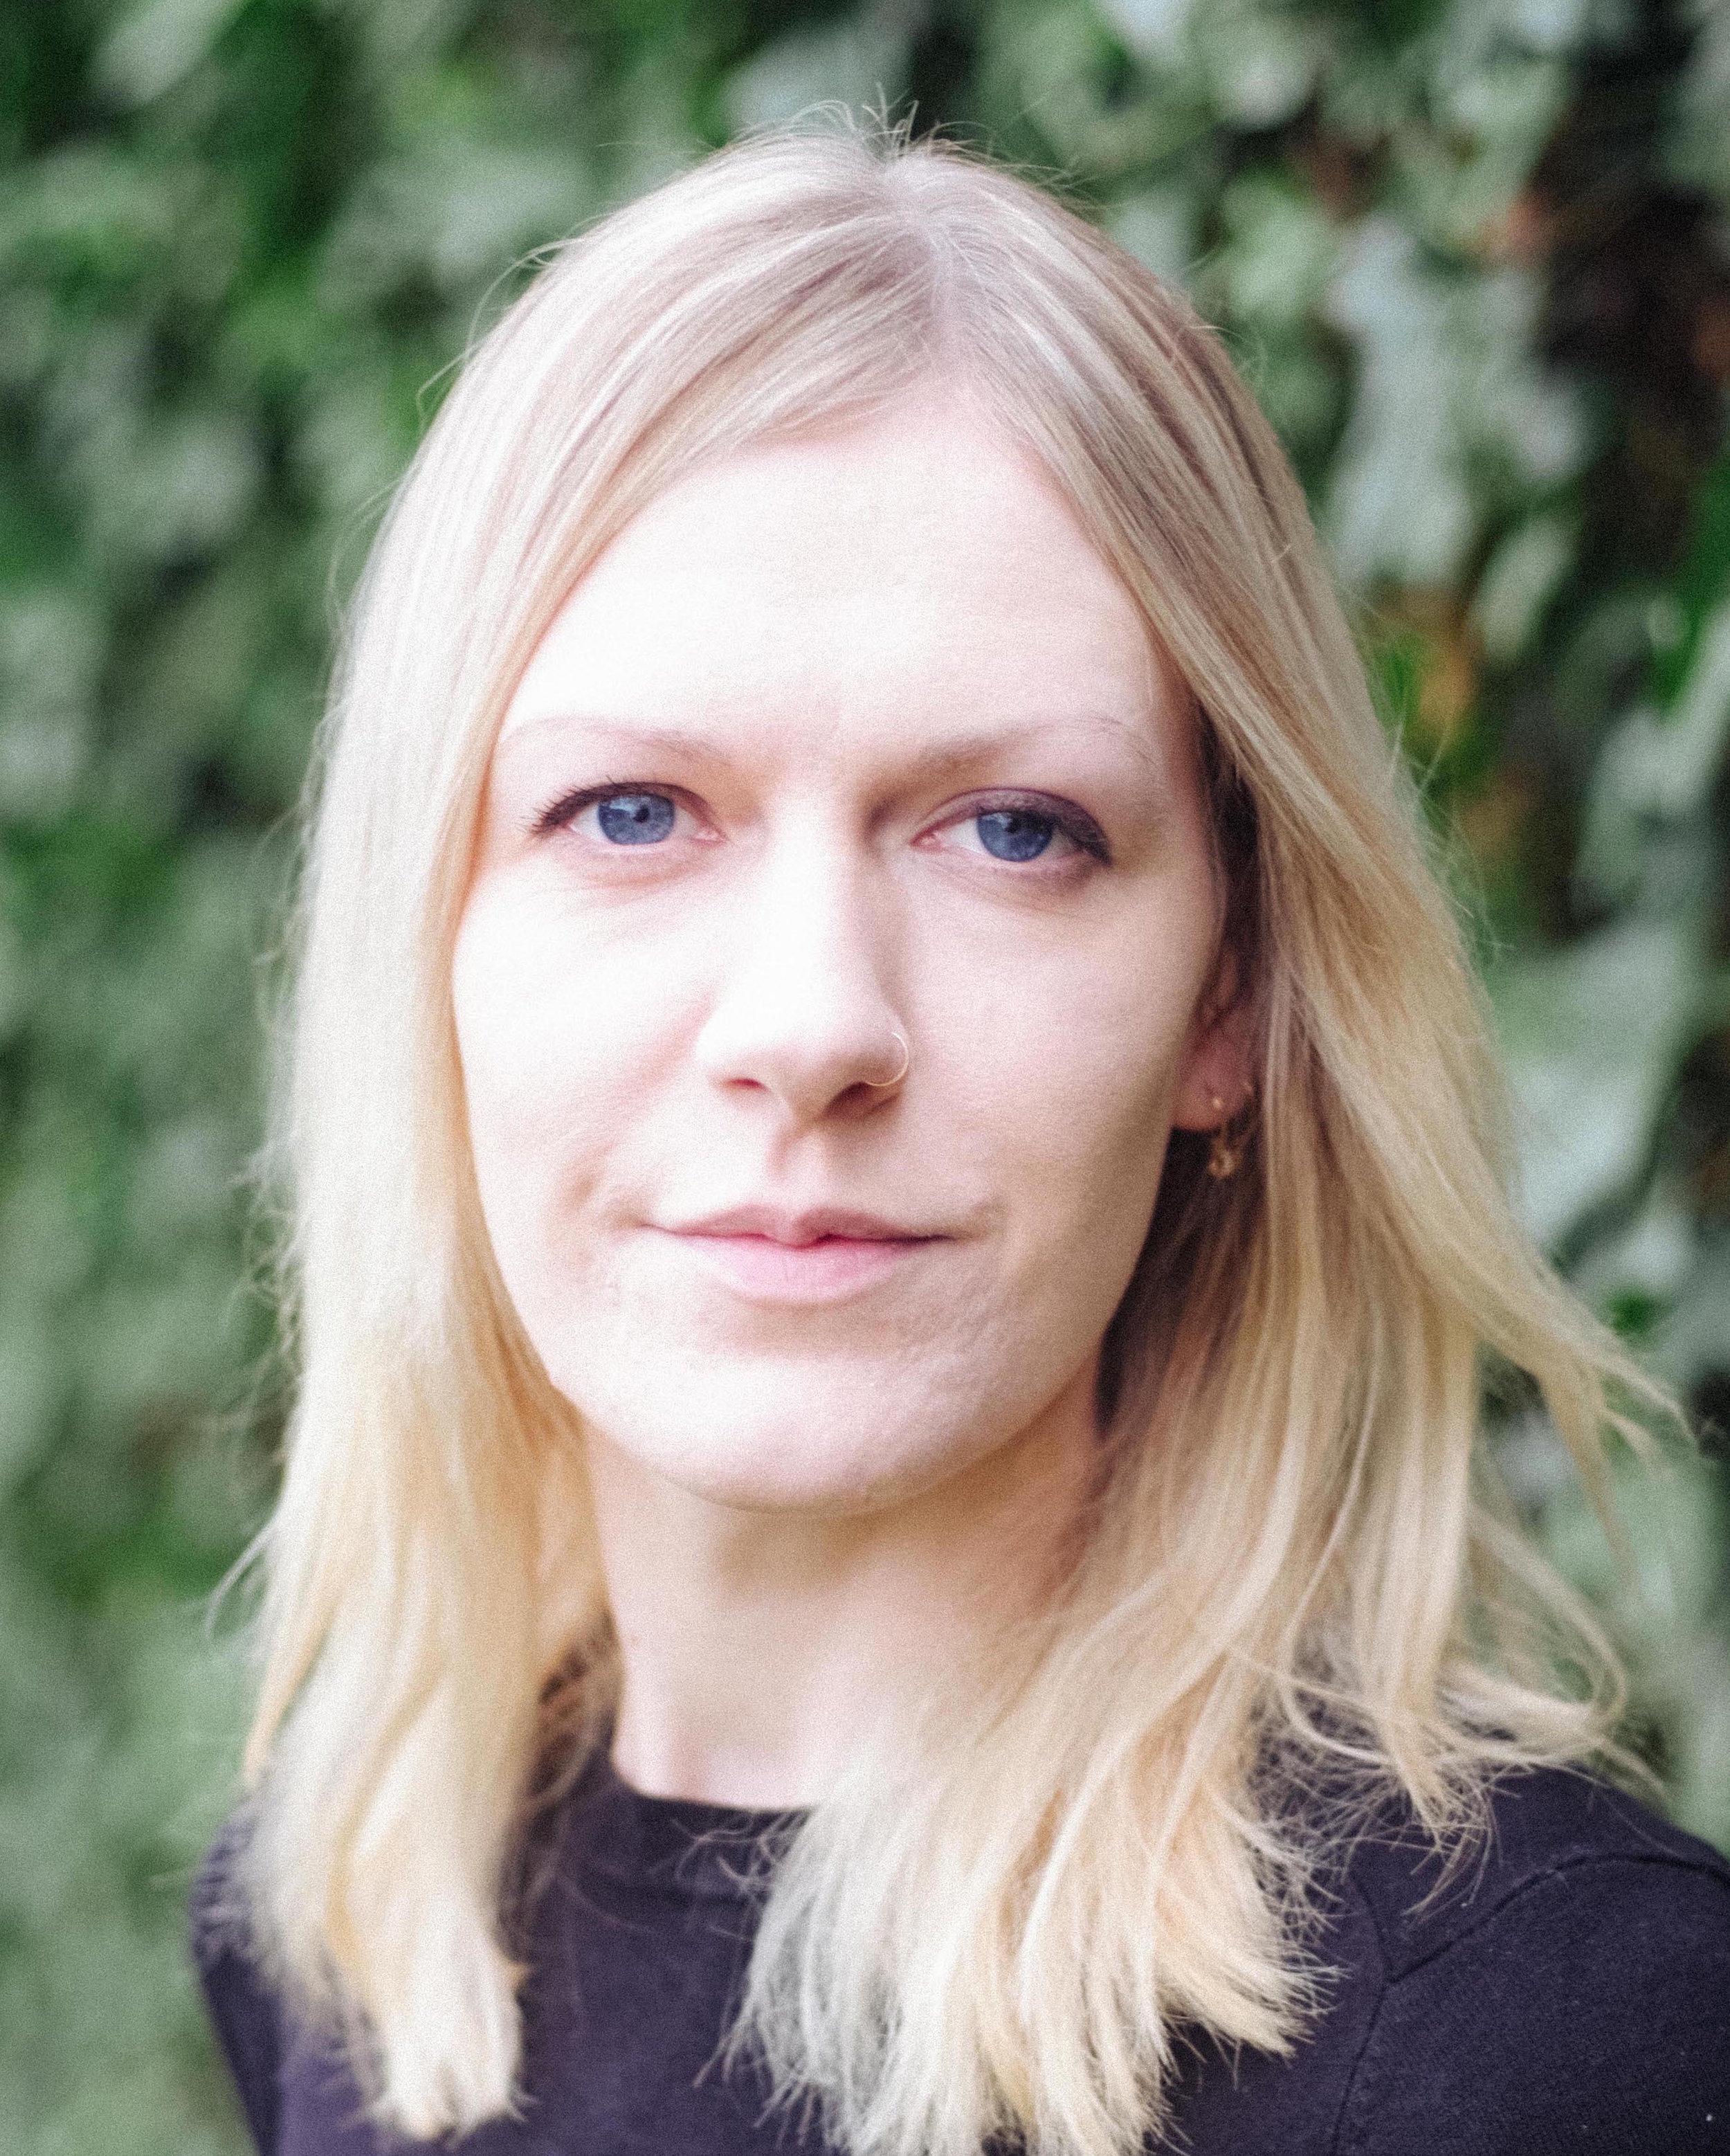 Ellie portrait 2019.jpg